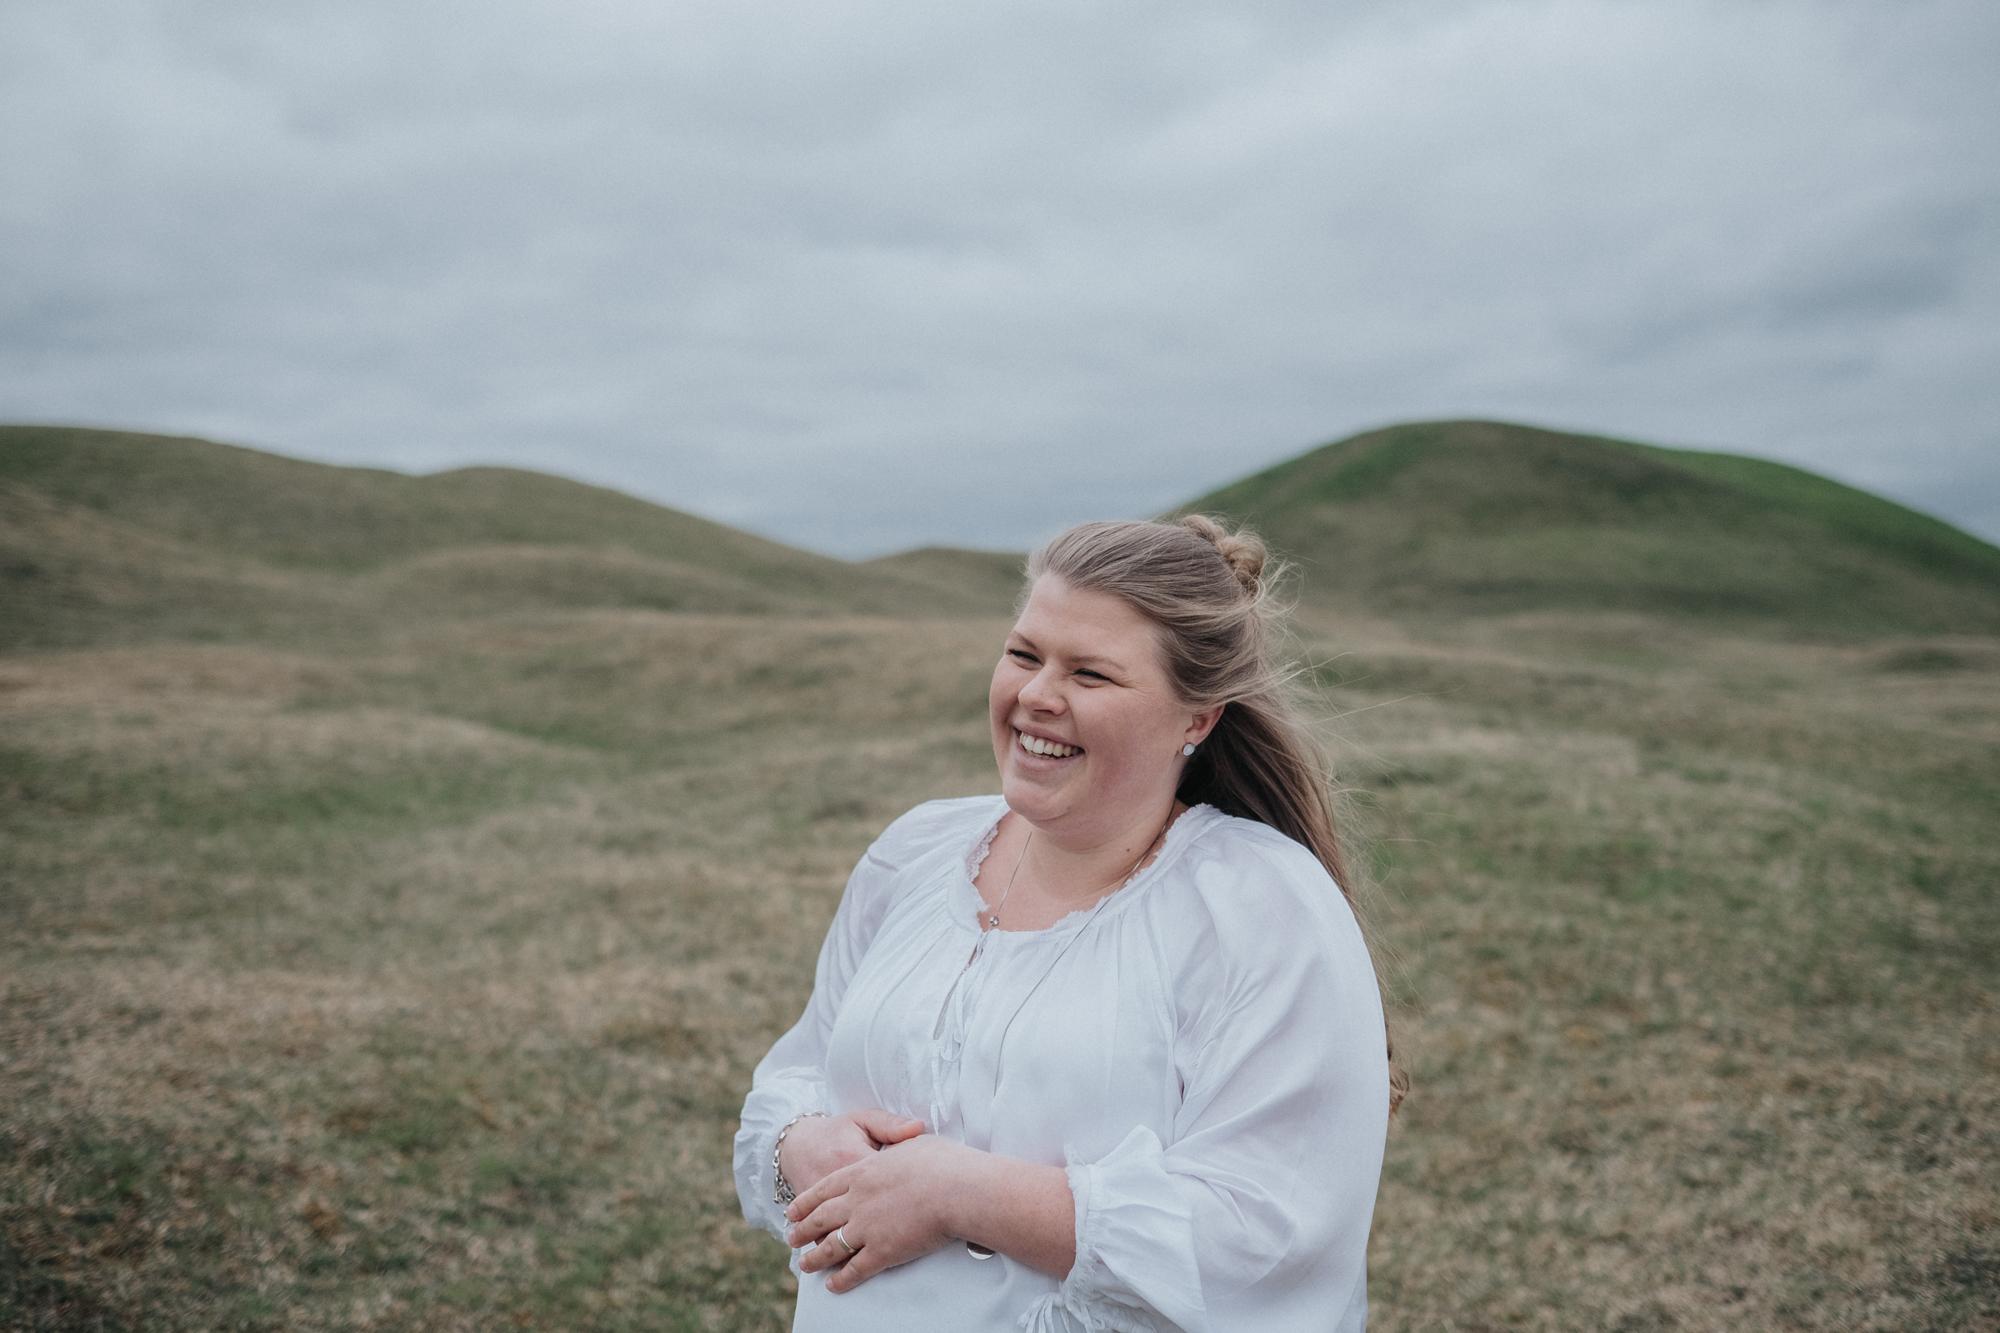 038-gravidfotografering-uppsala-neas-fotografi.jpg